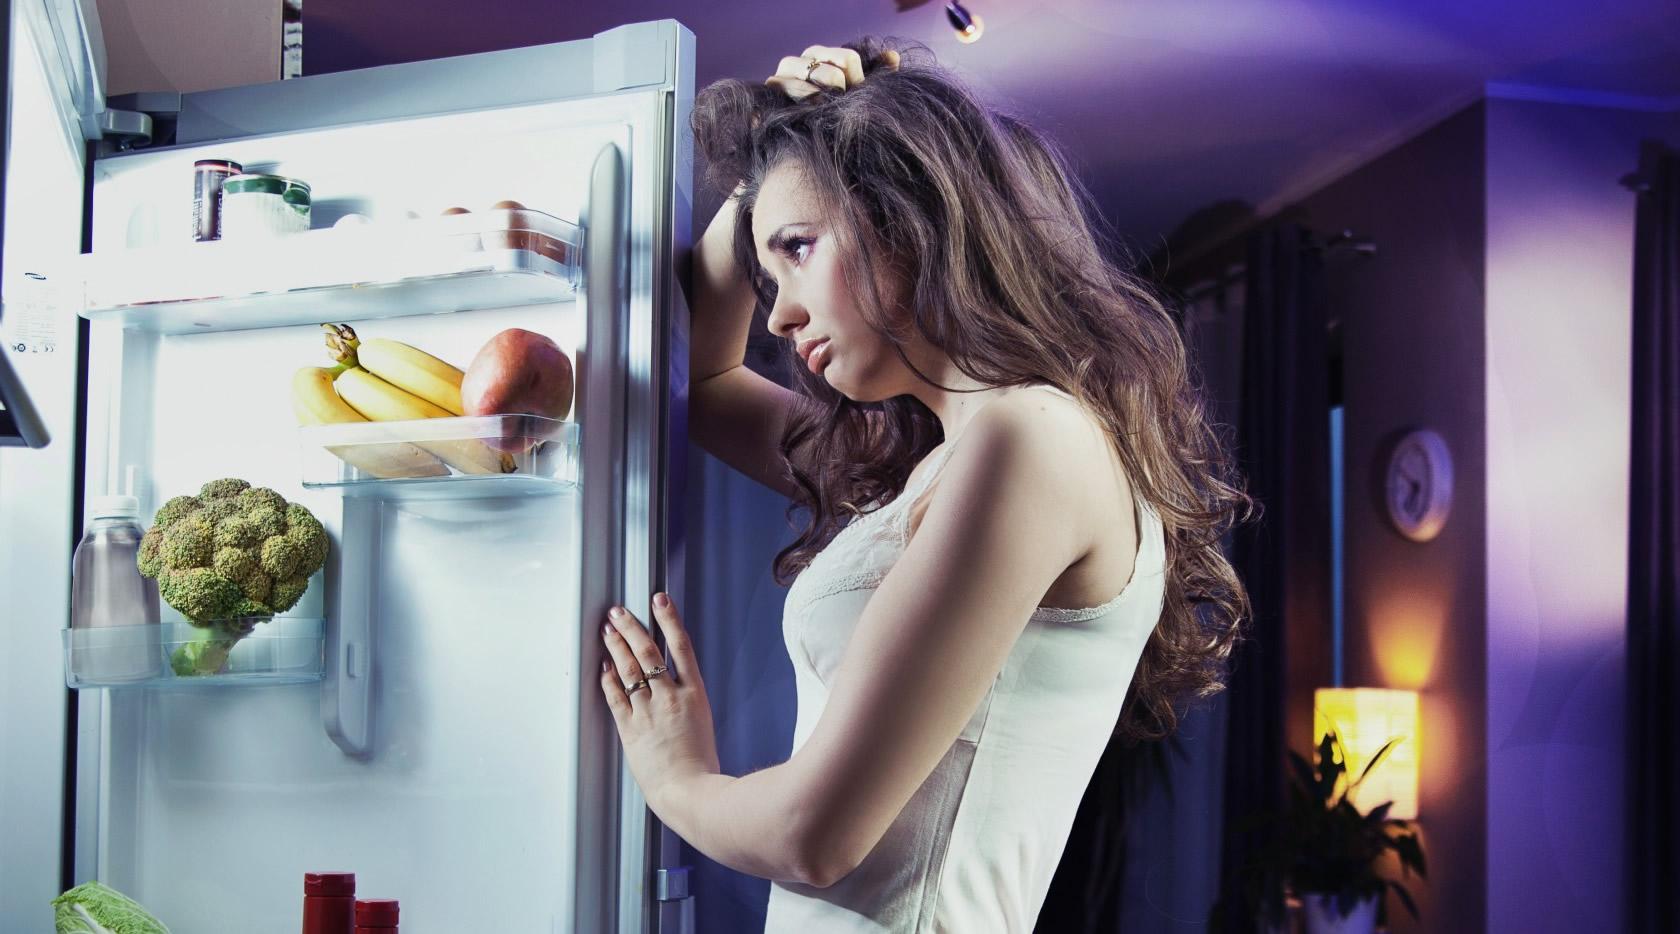 Όταν η νυχτερινή σίτιση εντάσσεται σε ψυχιατρική διαταραχή